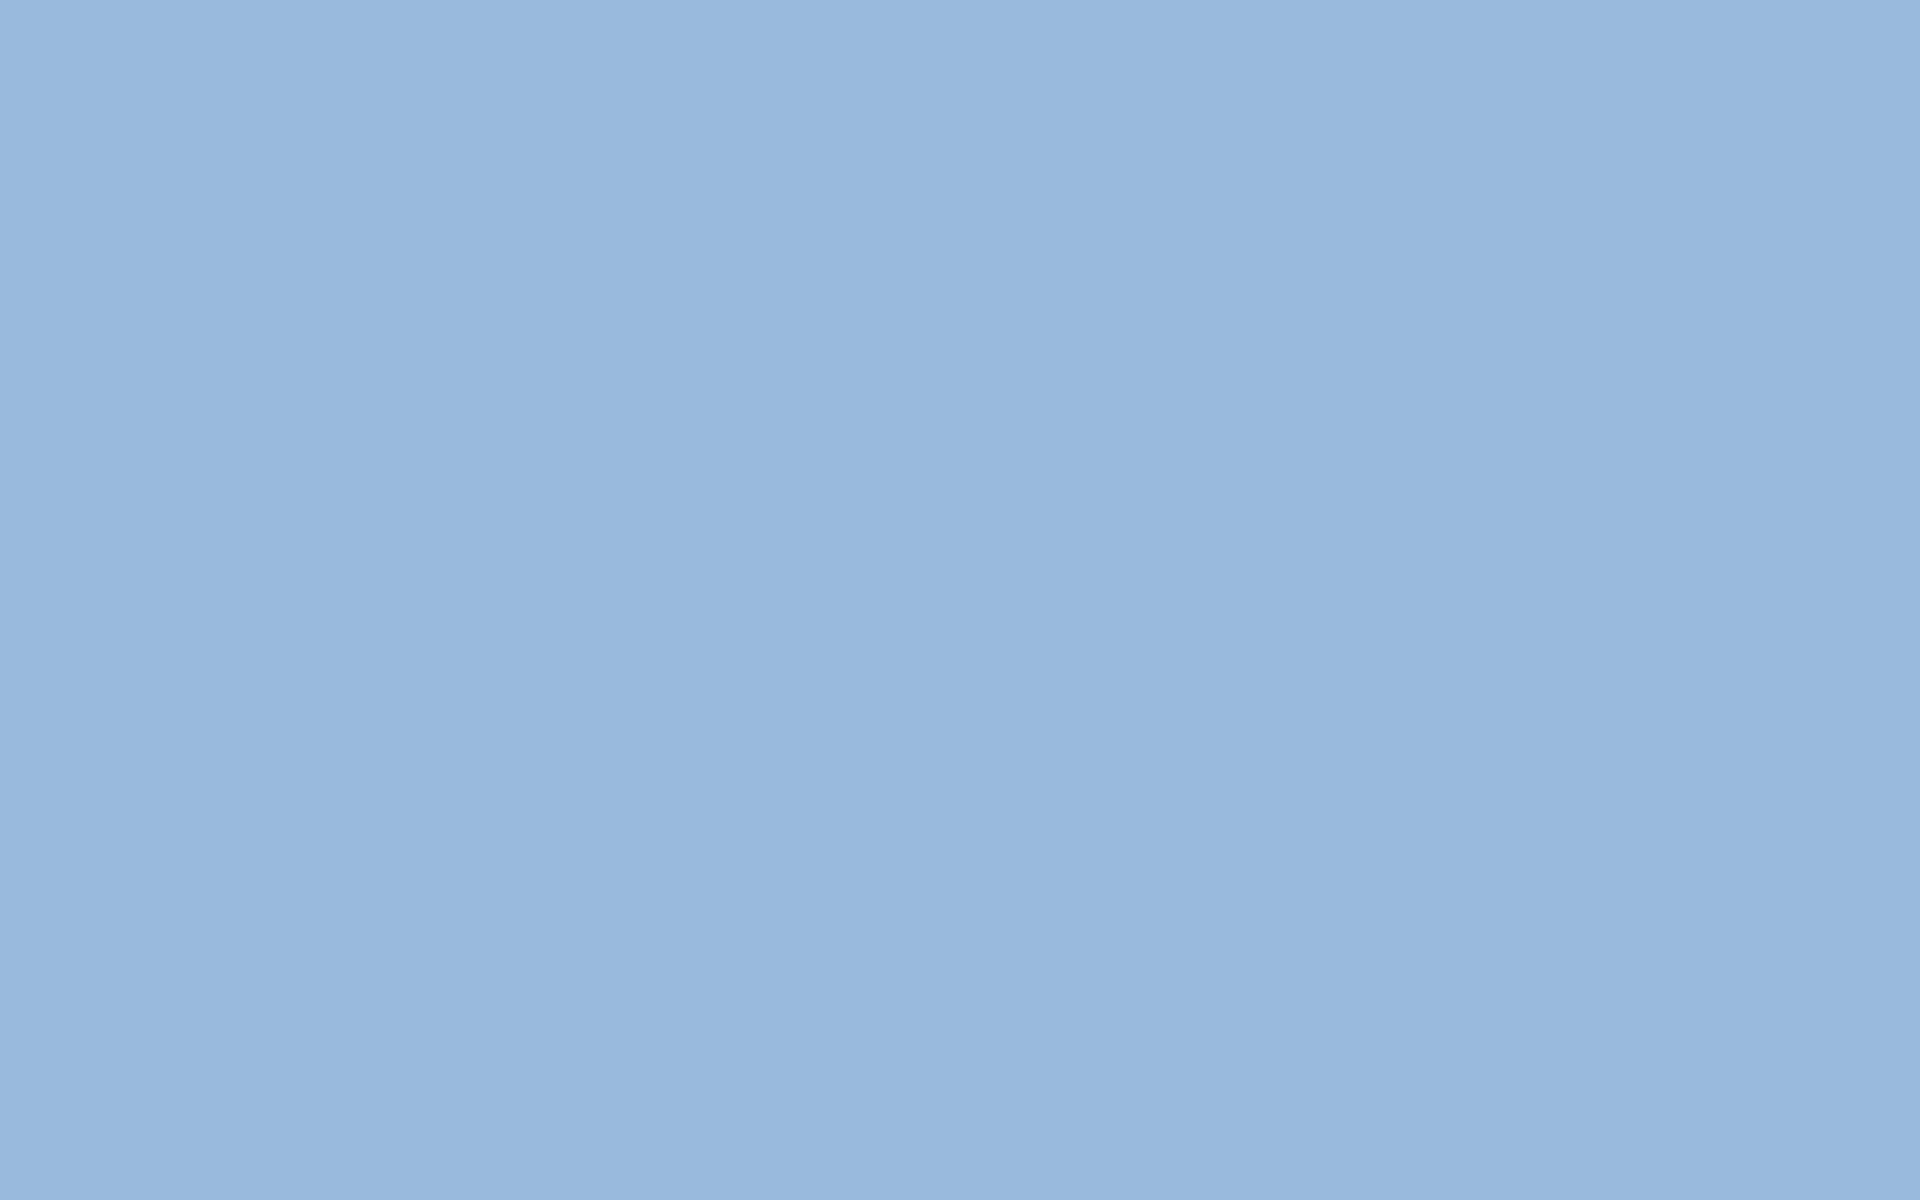 1920x1200 Carolina Blue Solid Color Background